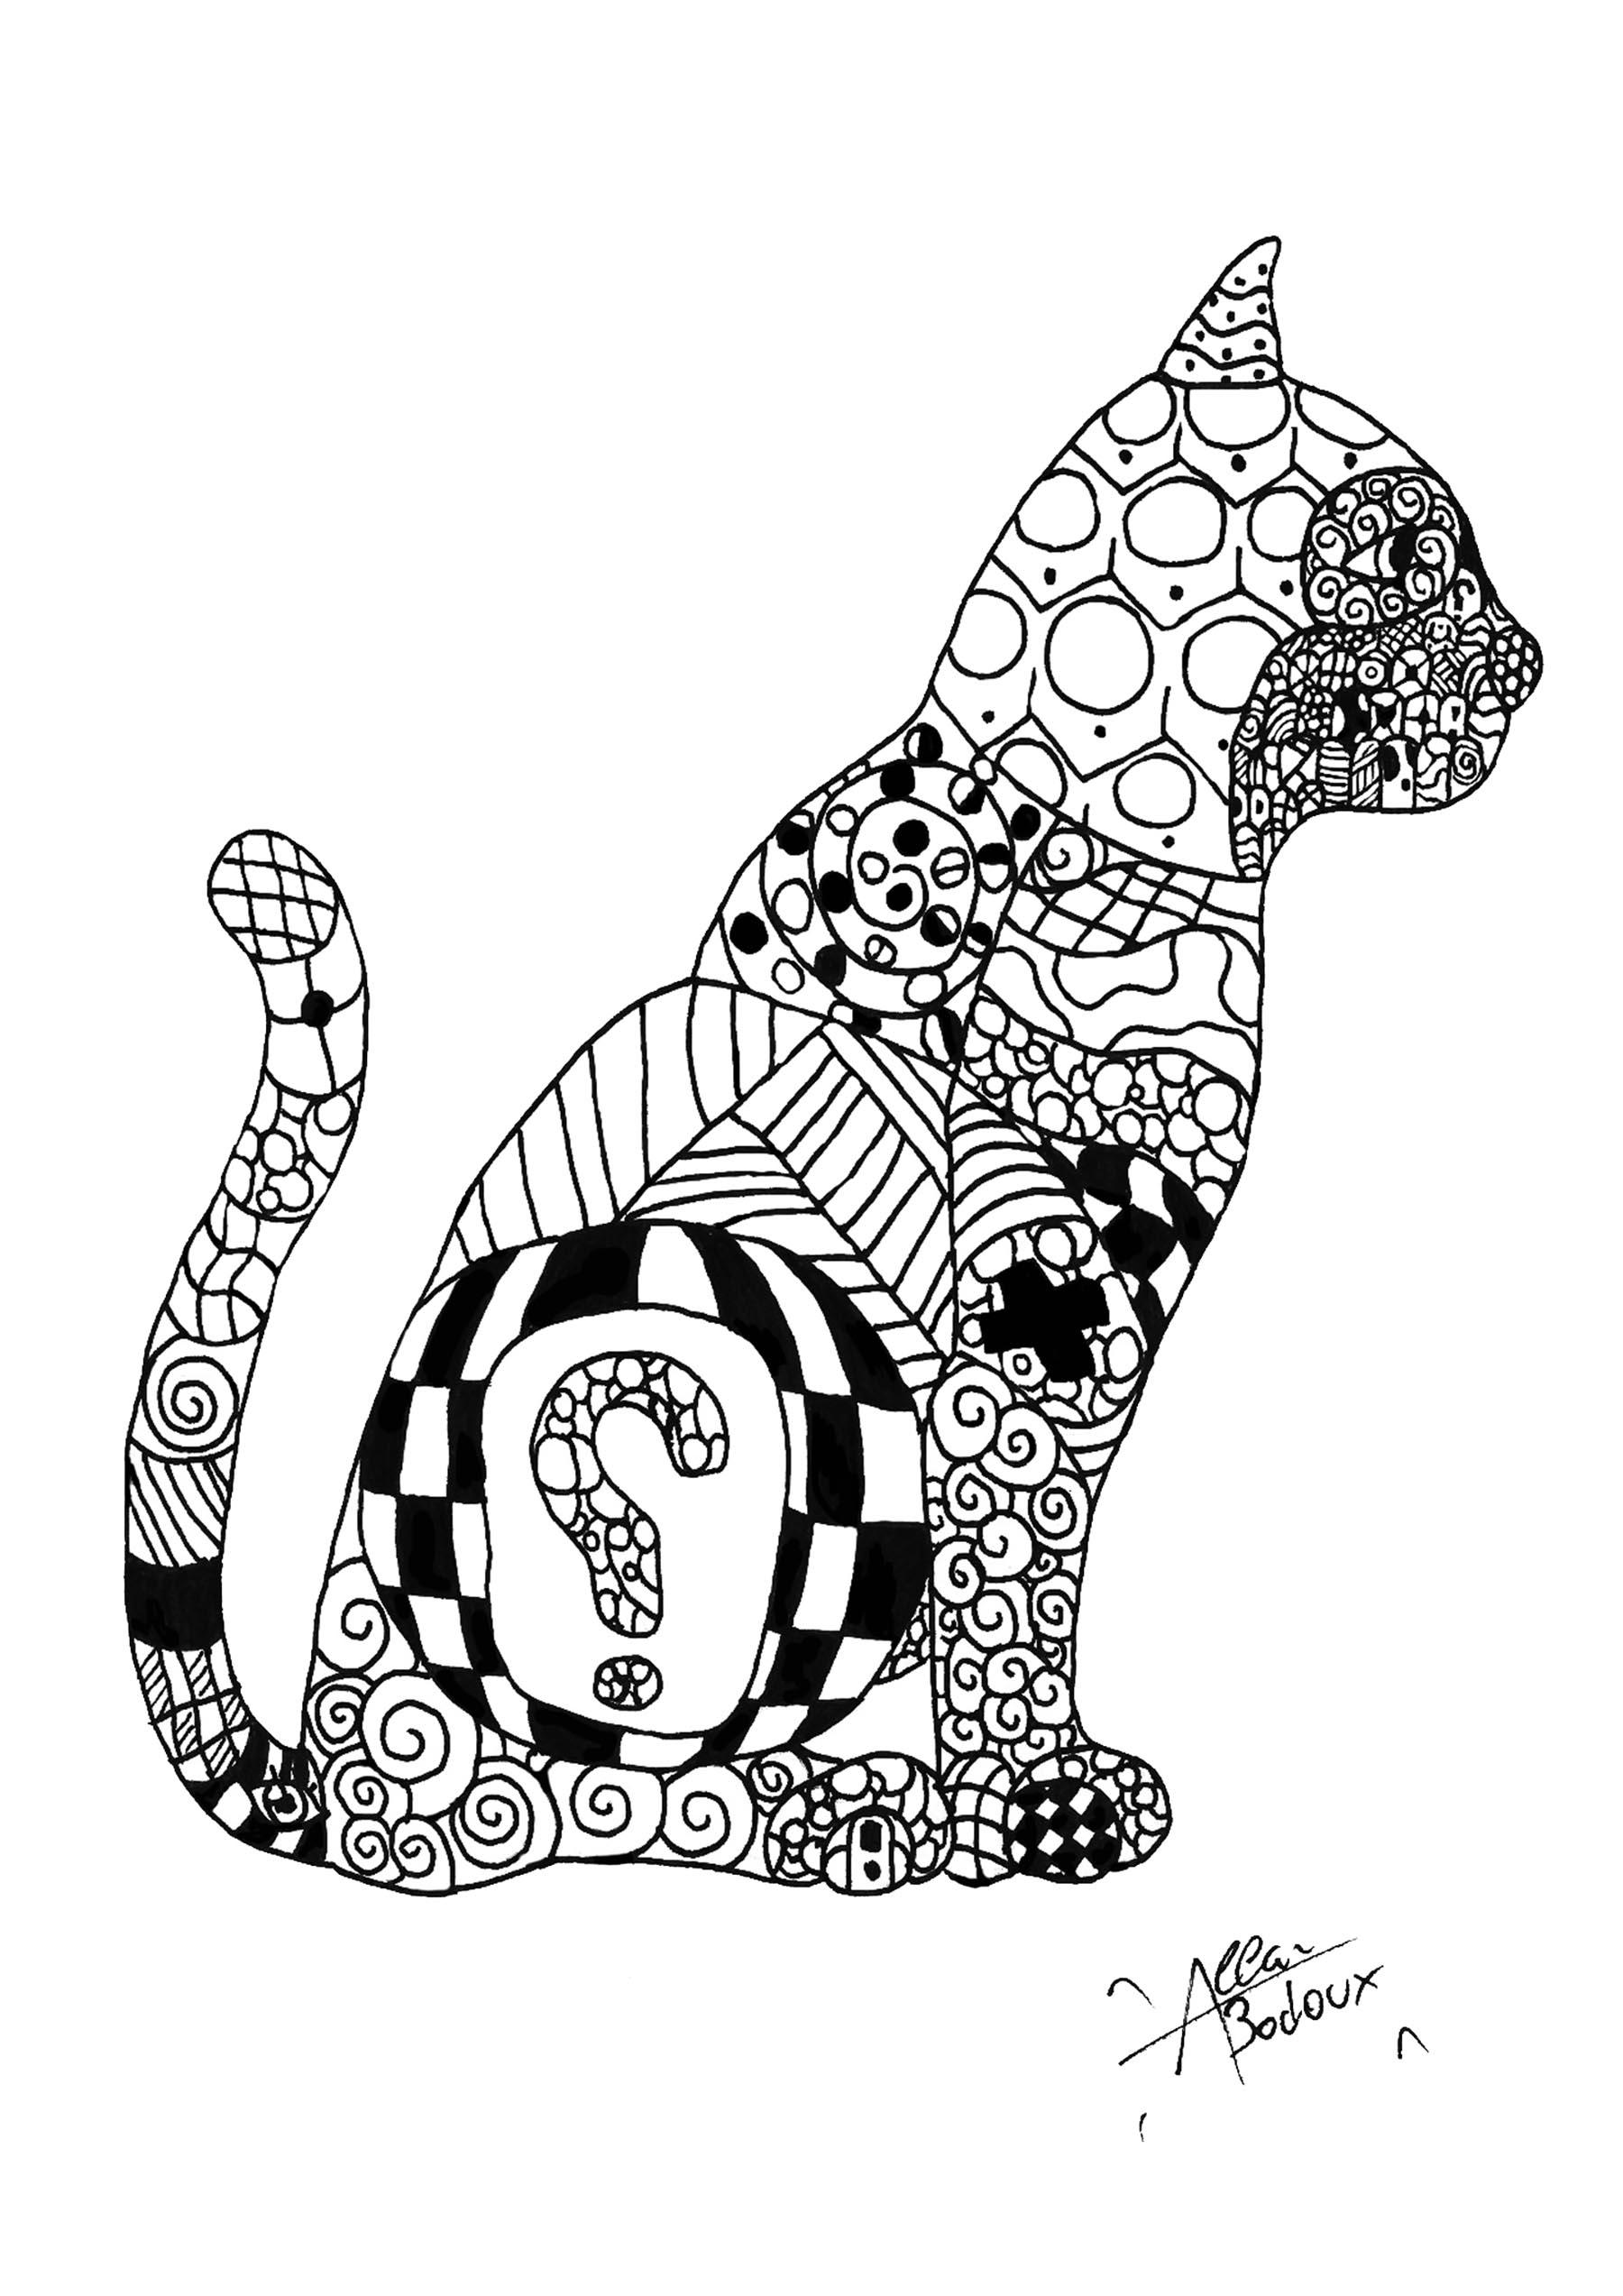 Coloriage de chat à imprimer gratuitement - Coloriages de Chats - Coloriages pour enfants